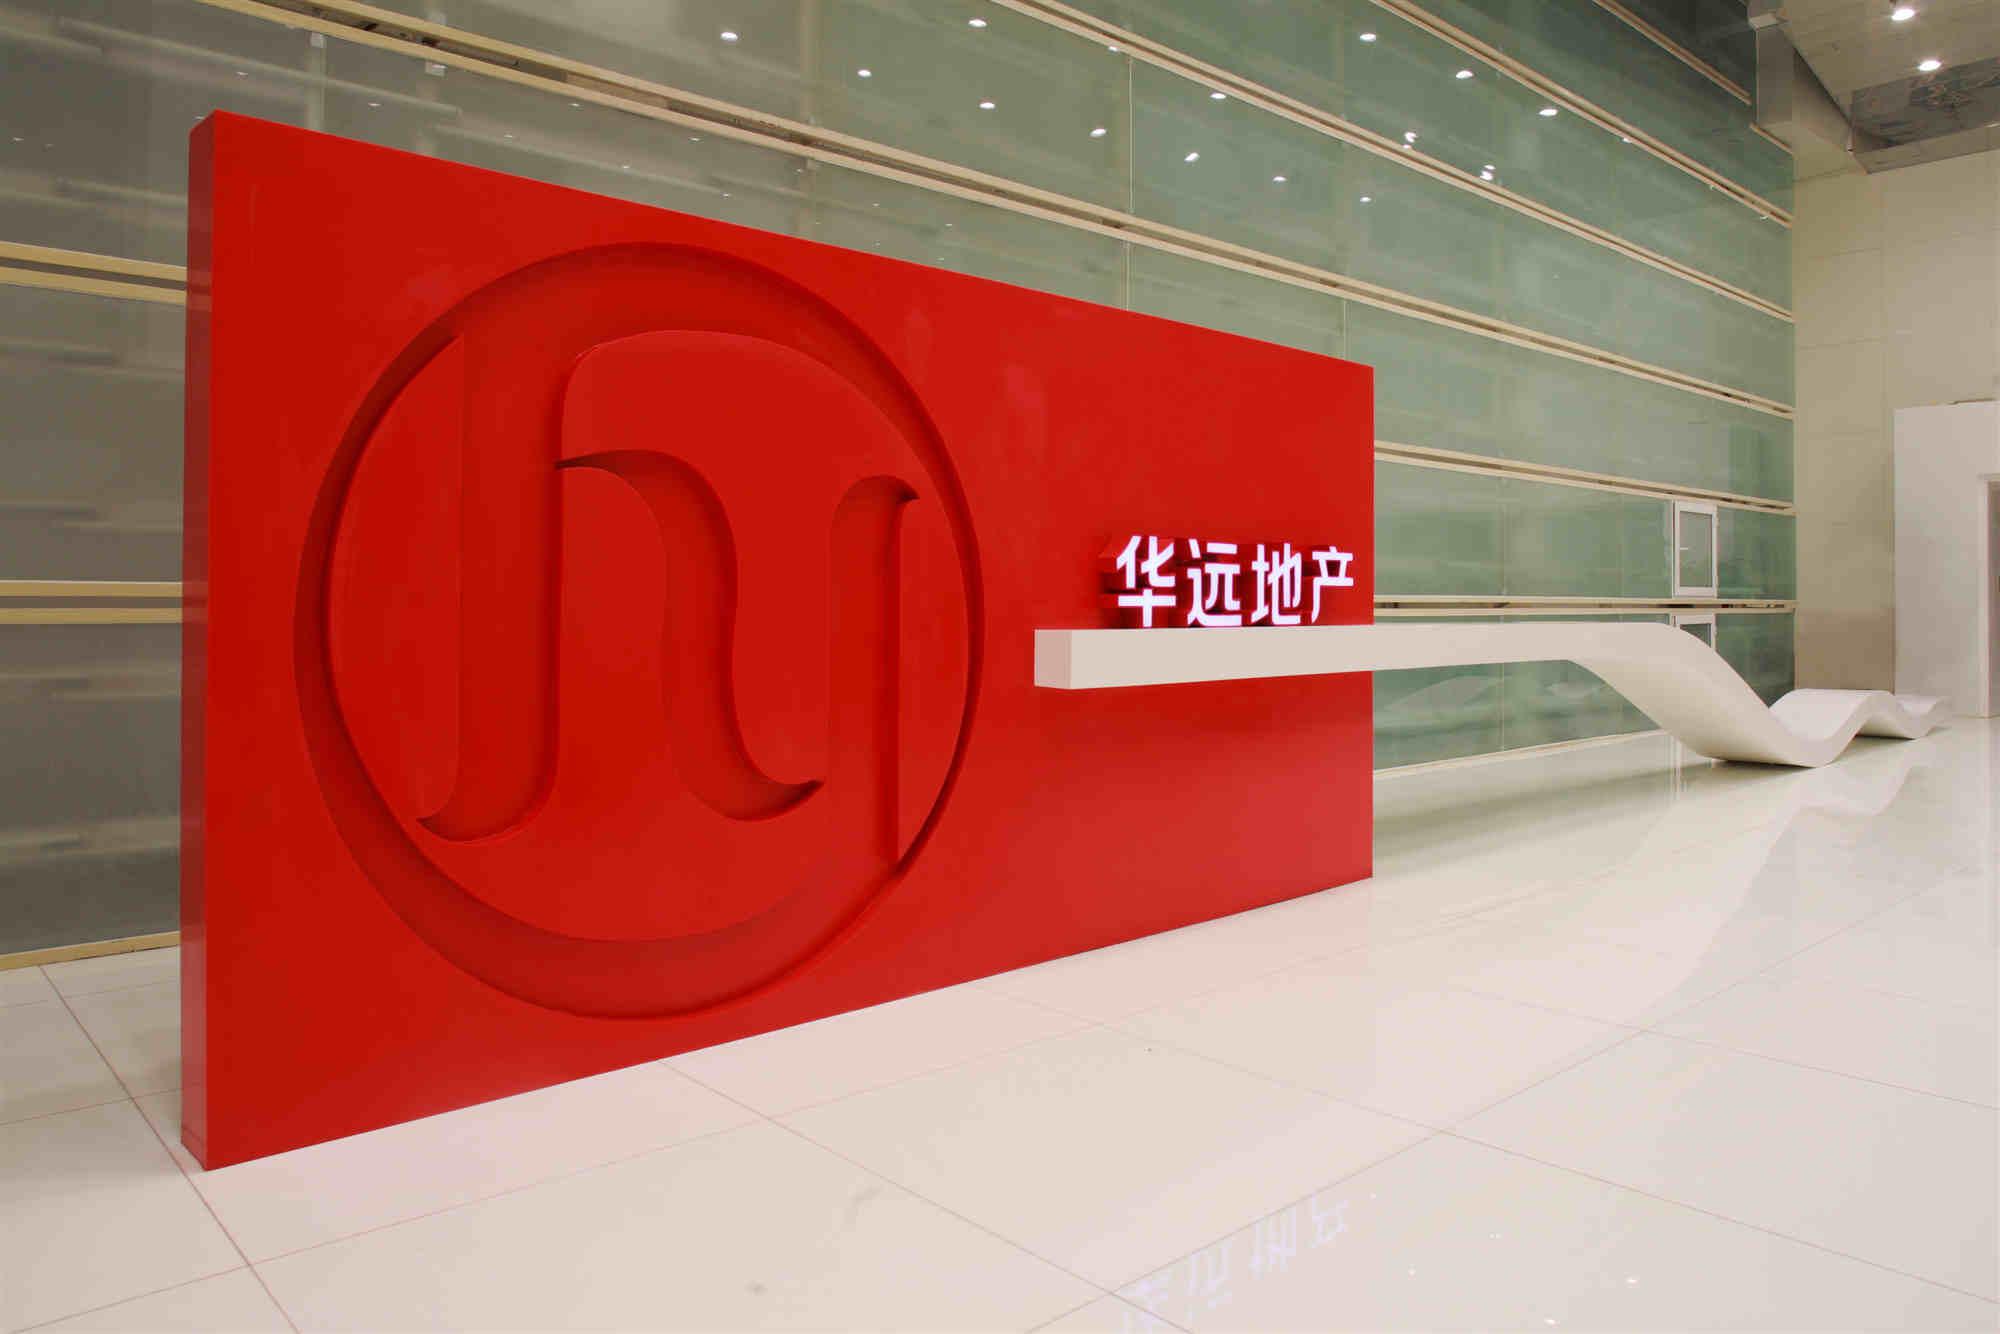 王乐斌任华远地产董事长 双履历为企业带来新动能